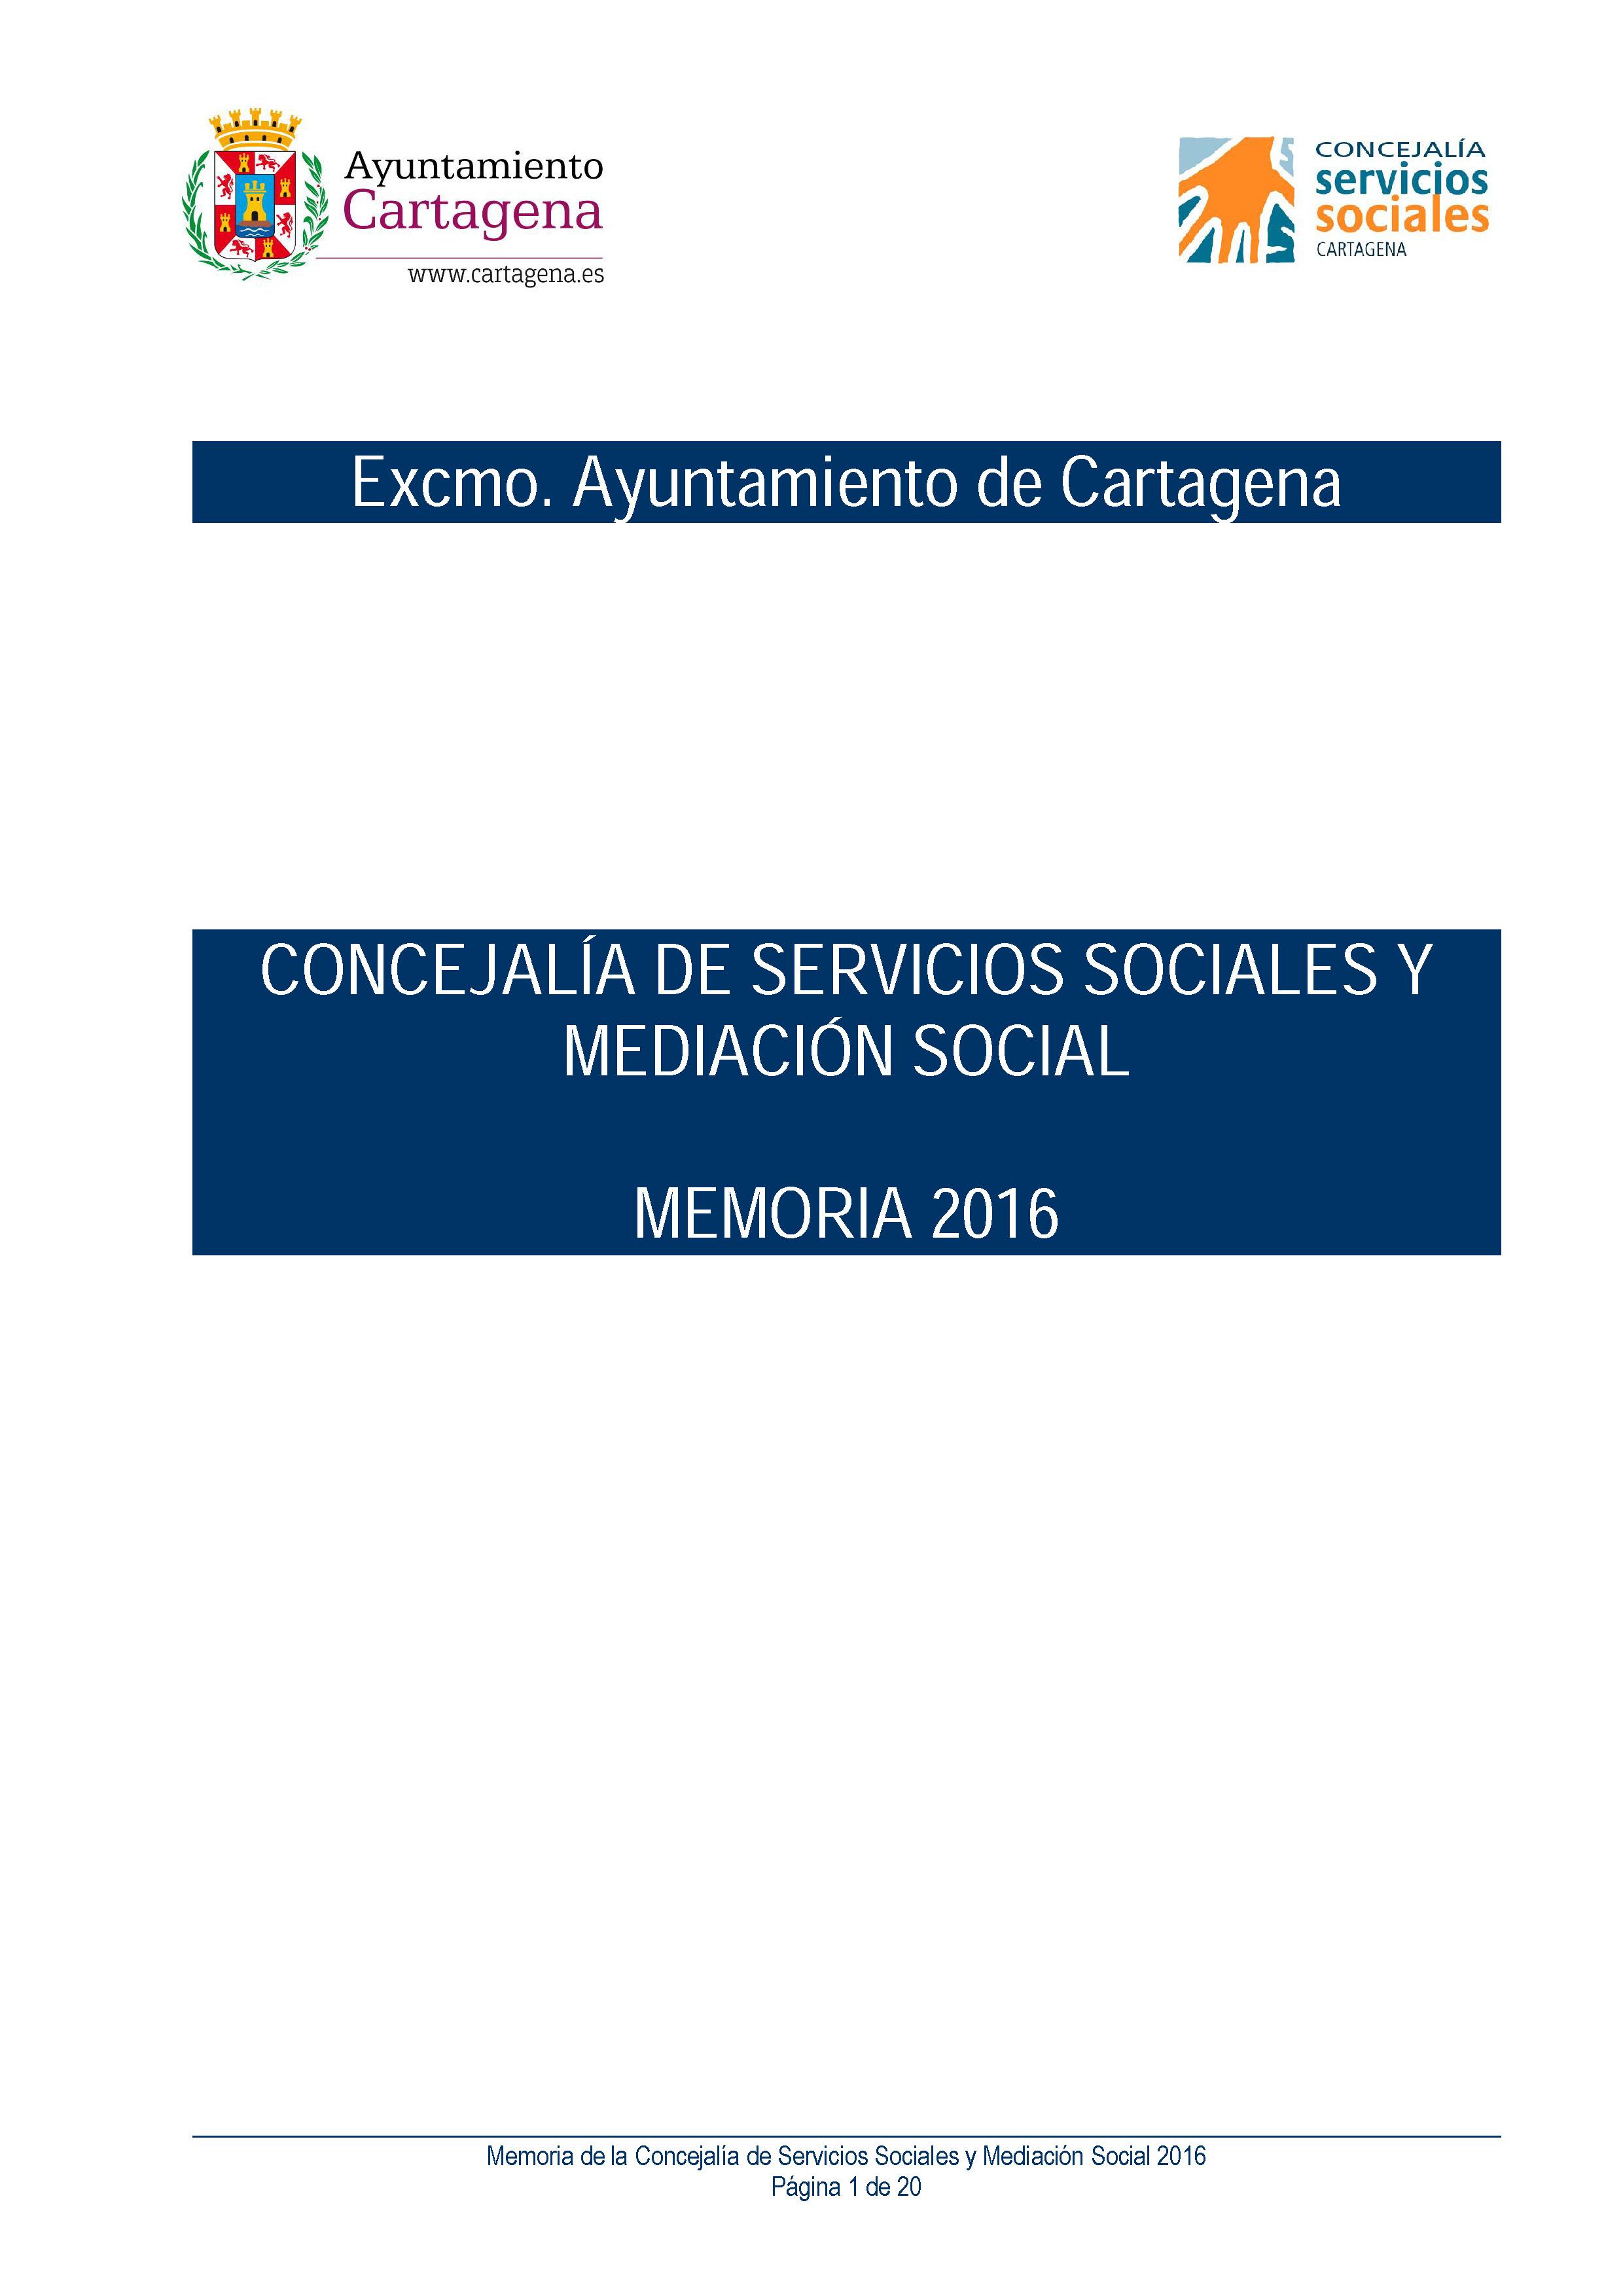 Memoria Servicios Sociales 2016. Documento PDF - 2,39 MB. Se abre en ventana nueva